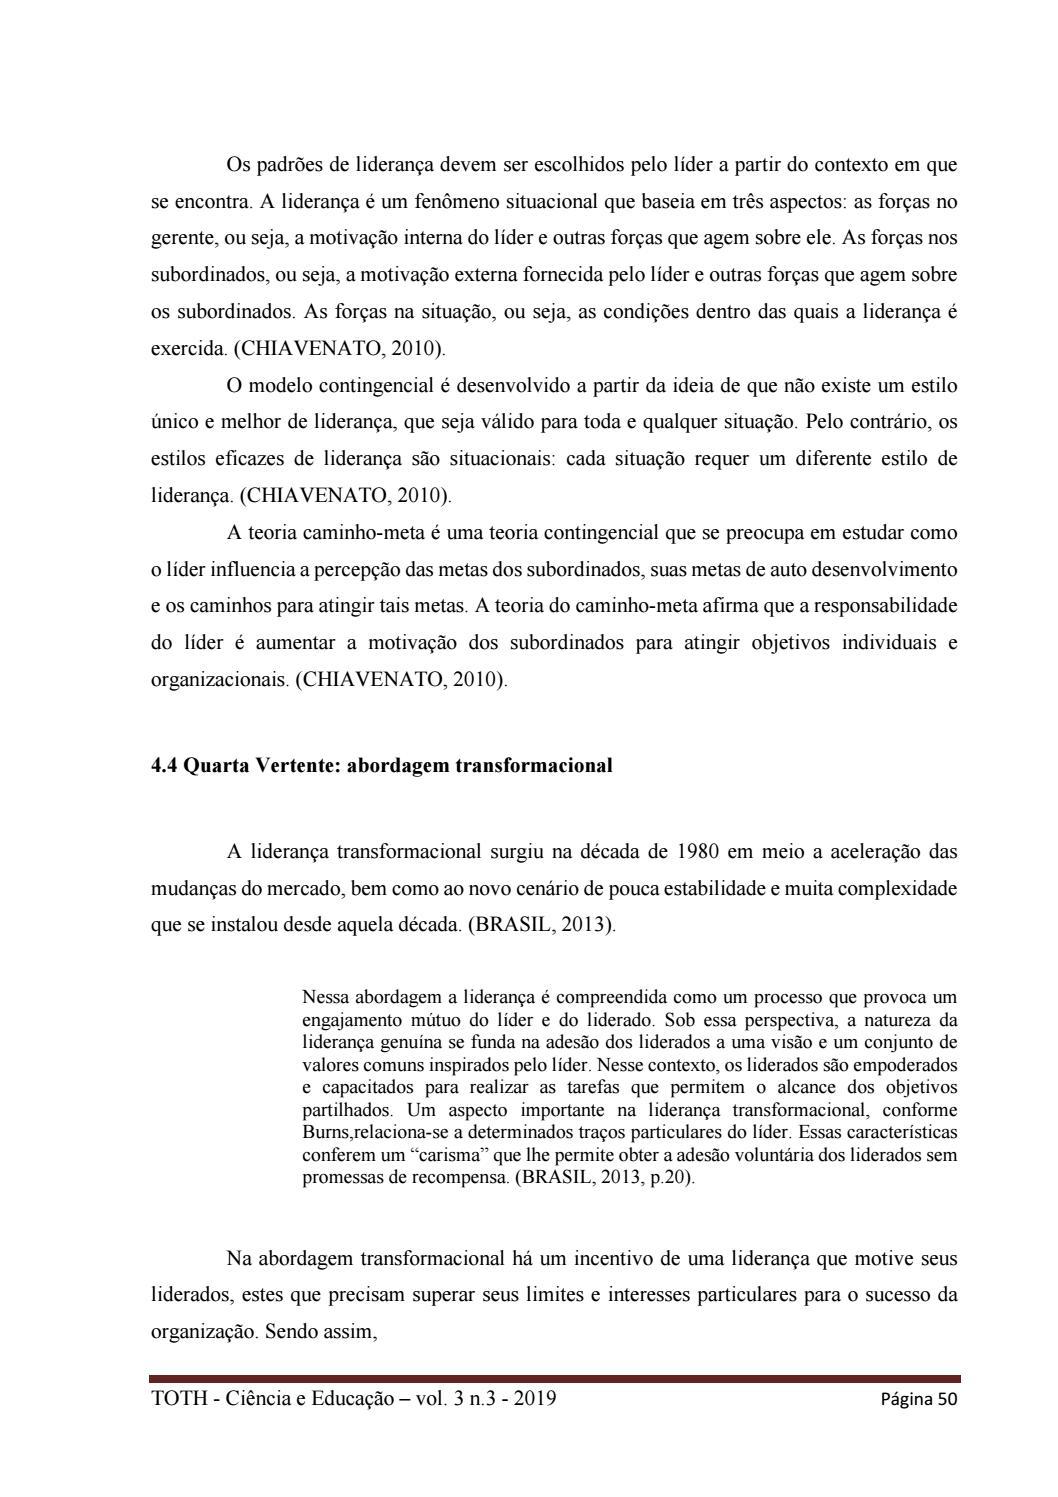 Toth Ciência Educação V 3 N 3 2019 By Toth Ciência E